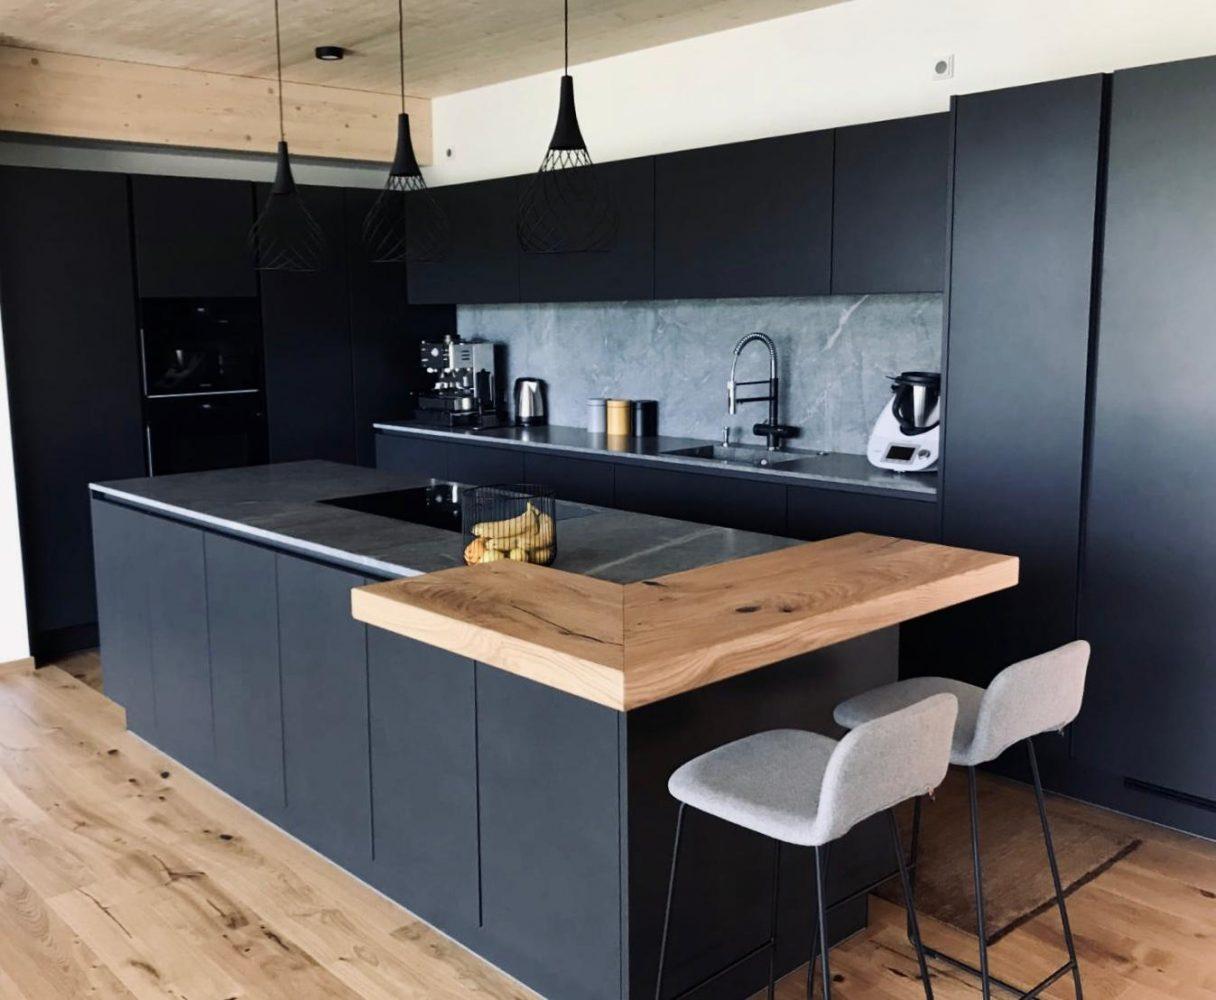 Privathaus - Hochwertige Küche mit modernen Einbaugeräten